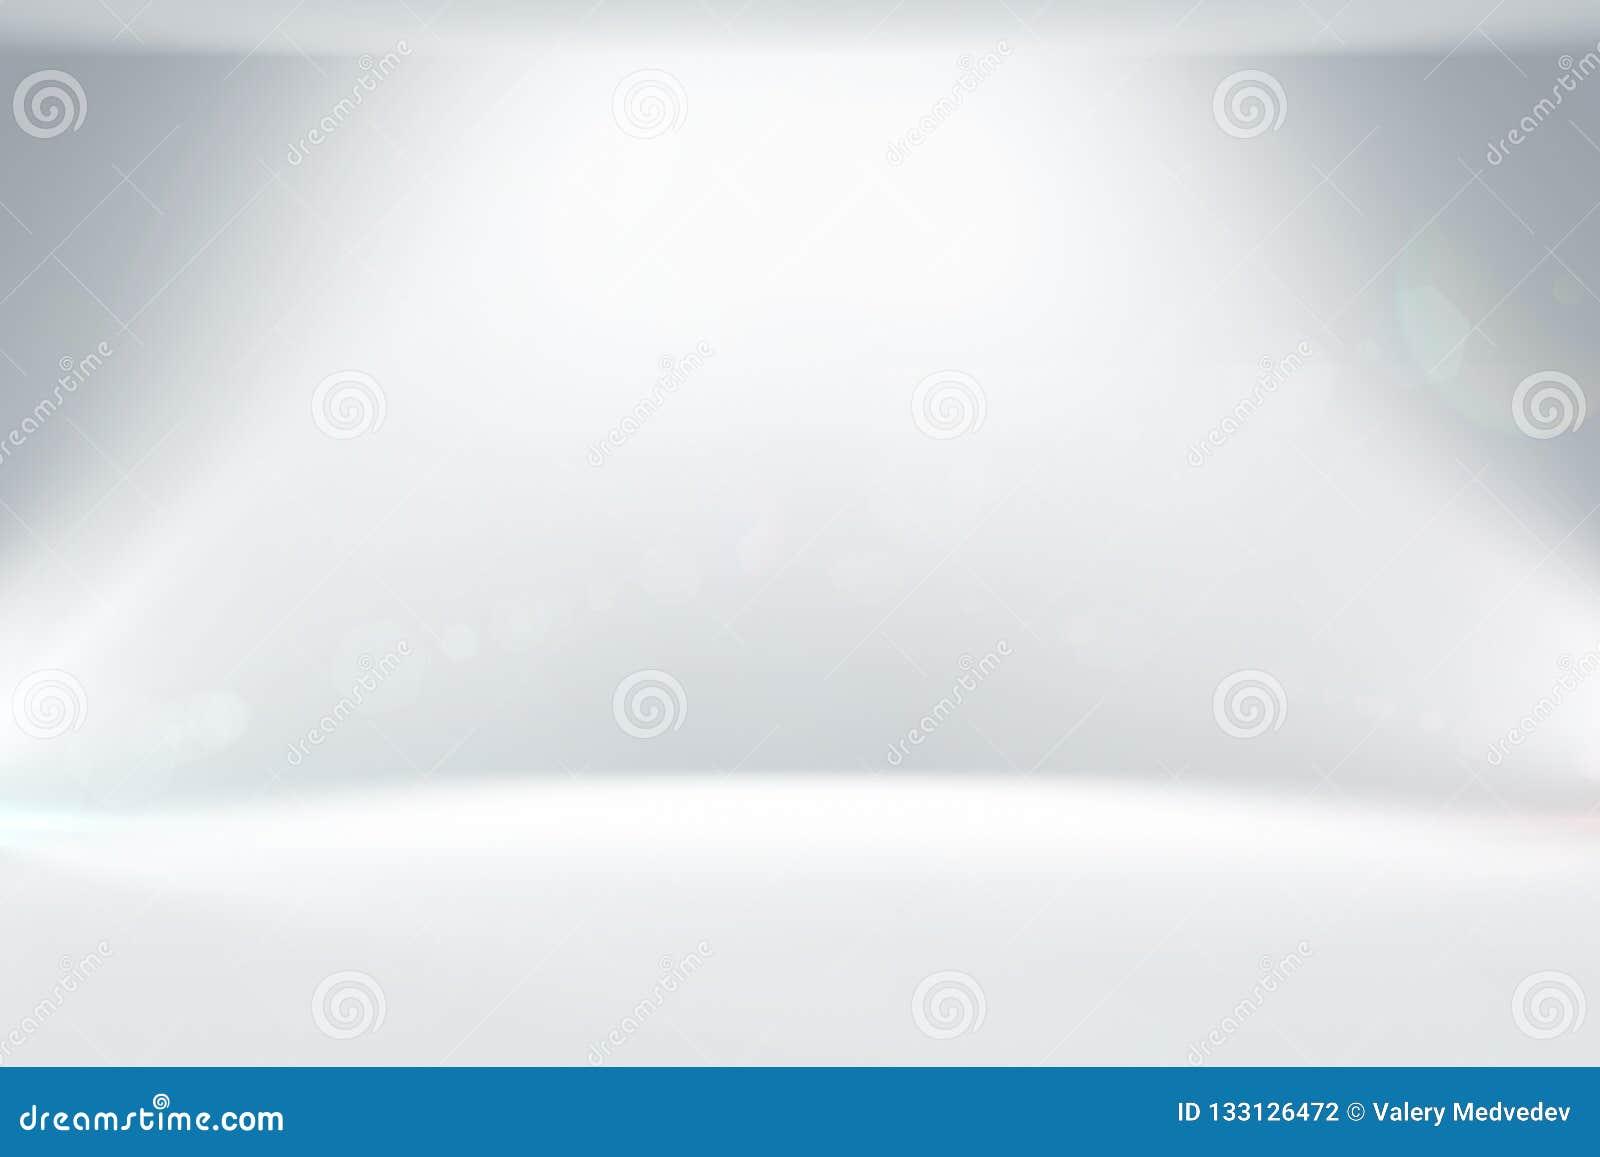 与照明的摘要干净的白光演播室背景